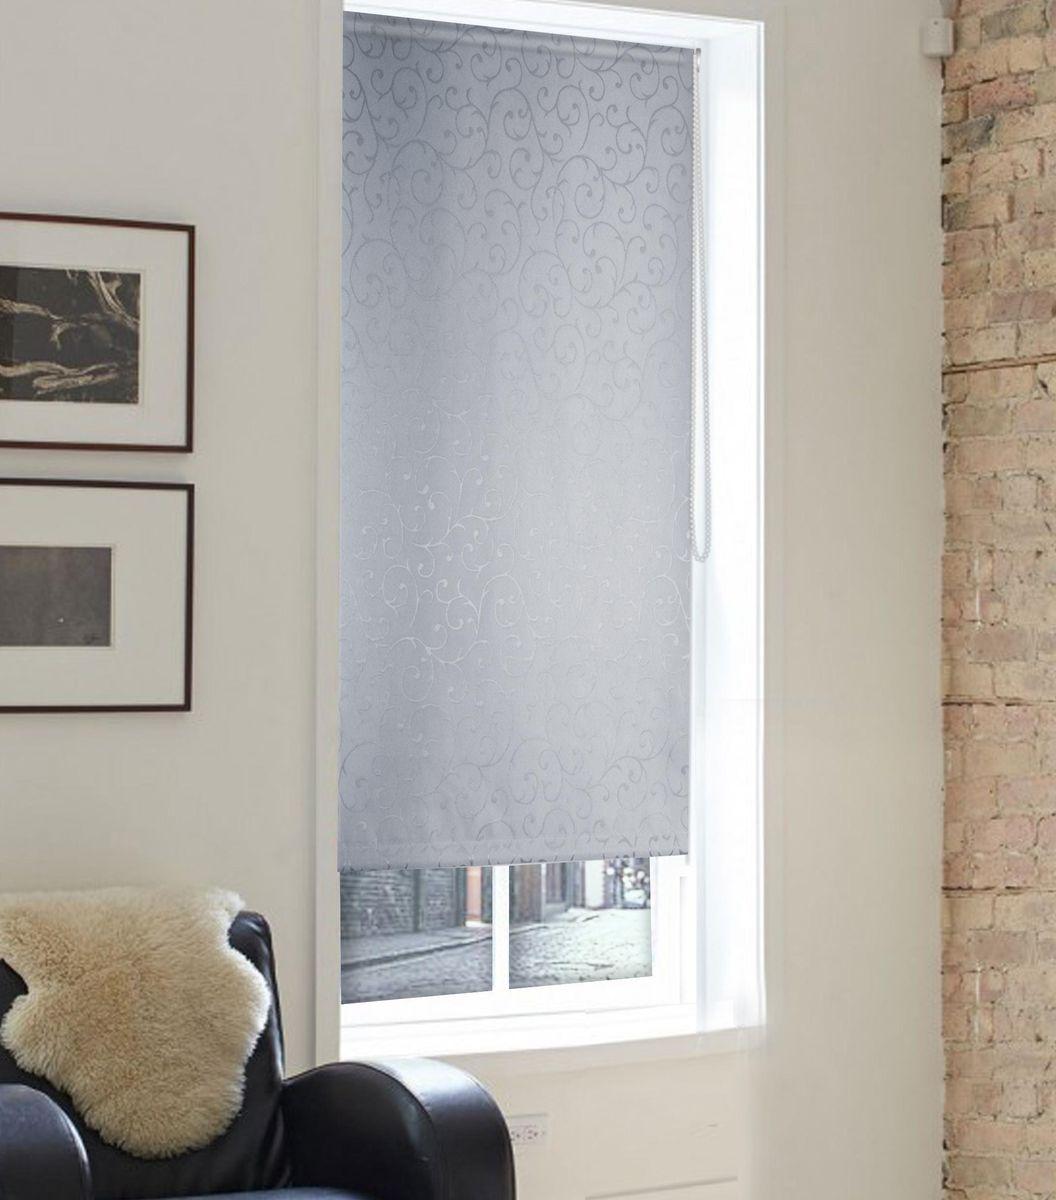 Штора рулонная Эскар Ролло. Агат, цвет: серый, ширина 140 см, высота 160 см81007120170Рулонными шторами можно оформлять окна как самостоятельно, так ииспользовать в комбинации с портьерами. Это поможет предотвратитьвыгорание дорогой ткани на солнце и соединит функционал рулонных скрасотой навесных. Преимущества применения рулонных штор для пластиковых окон: - имеют прекрасный внешний вид: многообразие и фактурность материалаизделия отлично смотрятся в любом интерьере;- многофункциональны: есть возможность подобрать шторы способныеэффективно защитить комнату от солнца, при этом она не будет слишкомтемной. - Есть возможность осуществить быстрый монтаж.ВНИМАНИЕ! Размеры ширины изделия указаны по ширине ткани! Во время эксплуатации не рекомендуется полностью разматывать рулон, чтобыне оторвать ткань от намоточного вала. В случае загрязнения поверхности ткани, чистку шторы проводят одним изспособов, в зависимости от типа загрязнения:легкое поверхностное загрязнение можно удалить при помощи канцелярскоголастика;чистка от пыли производится сухим методом при помощи пылесоса с мягкойщеткой-насадкой;для удаления пятна используйте мягкую губку с пенообразующим неагрессивныммоющим средством или пятновыводитель на натуральной основе (нельзяприменять растворители).